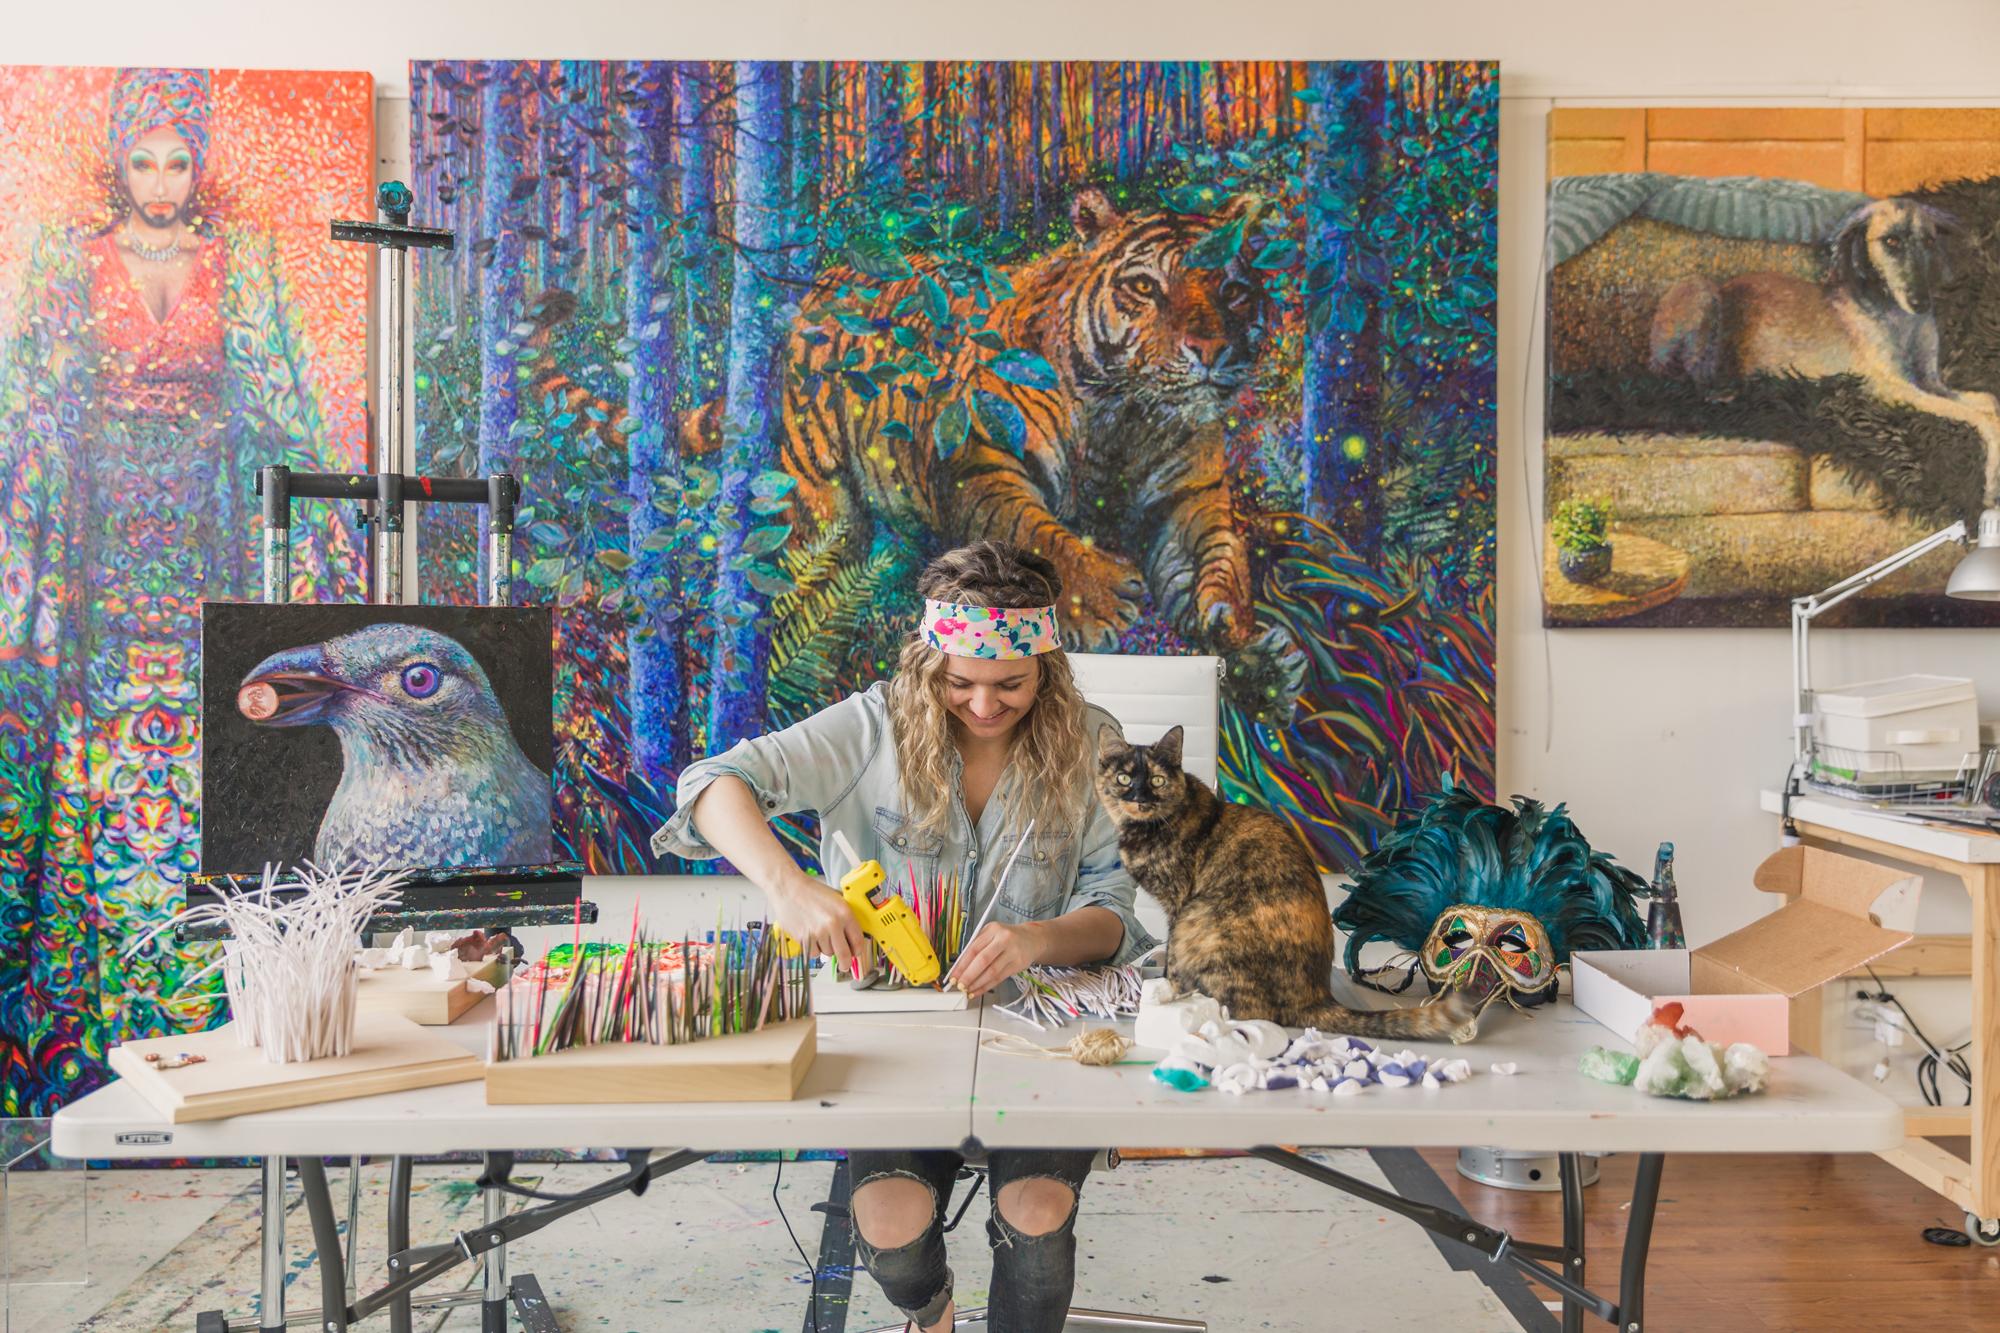 Z_hot-glue-gun-paintings-in-background.jpg